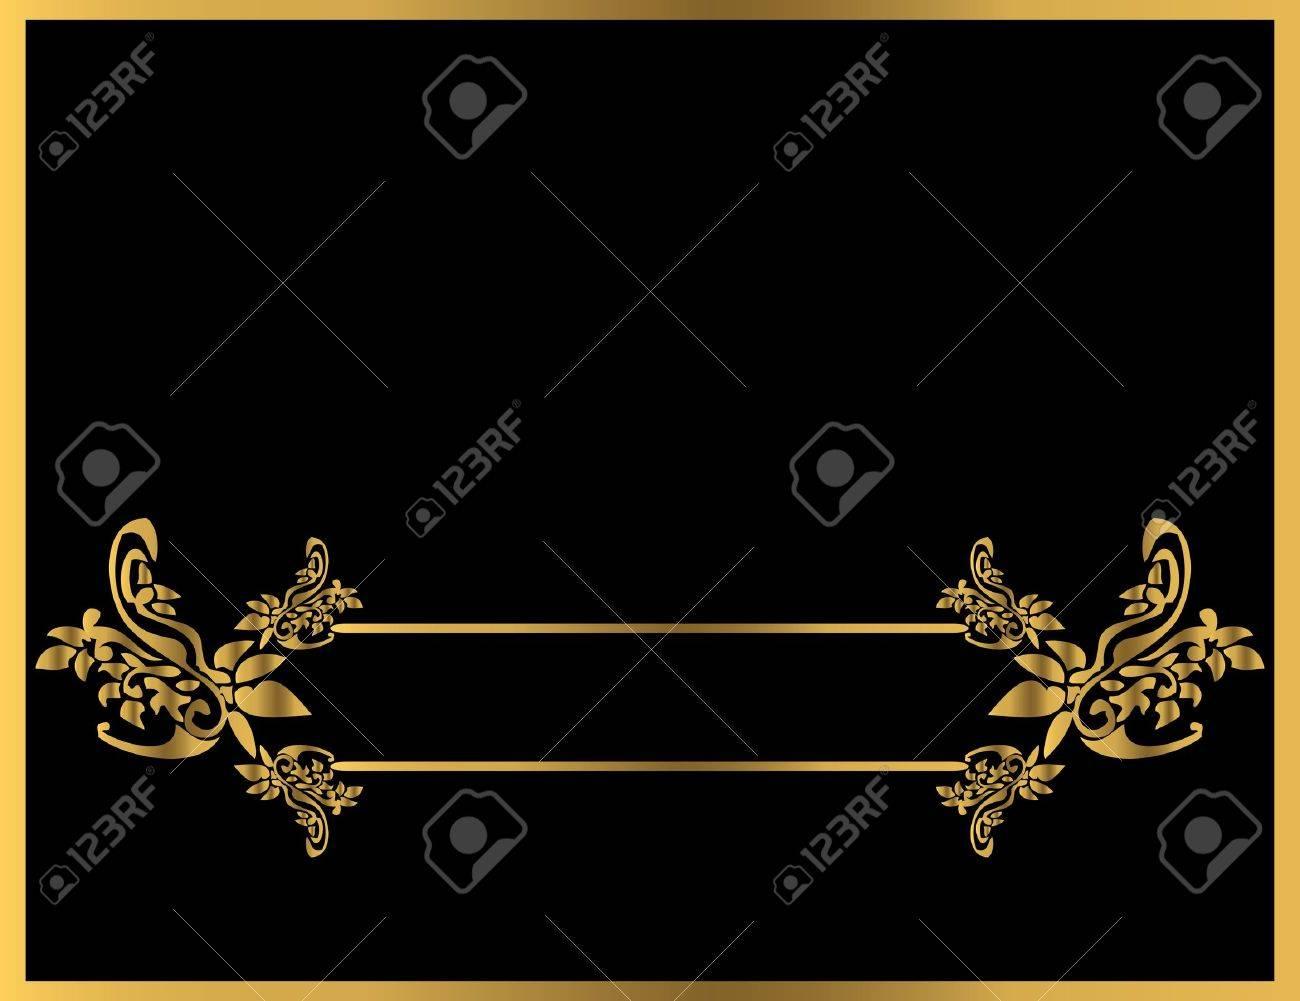 Gold floral frame on a black background - 4485715